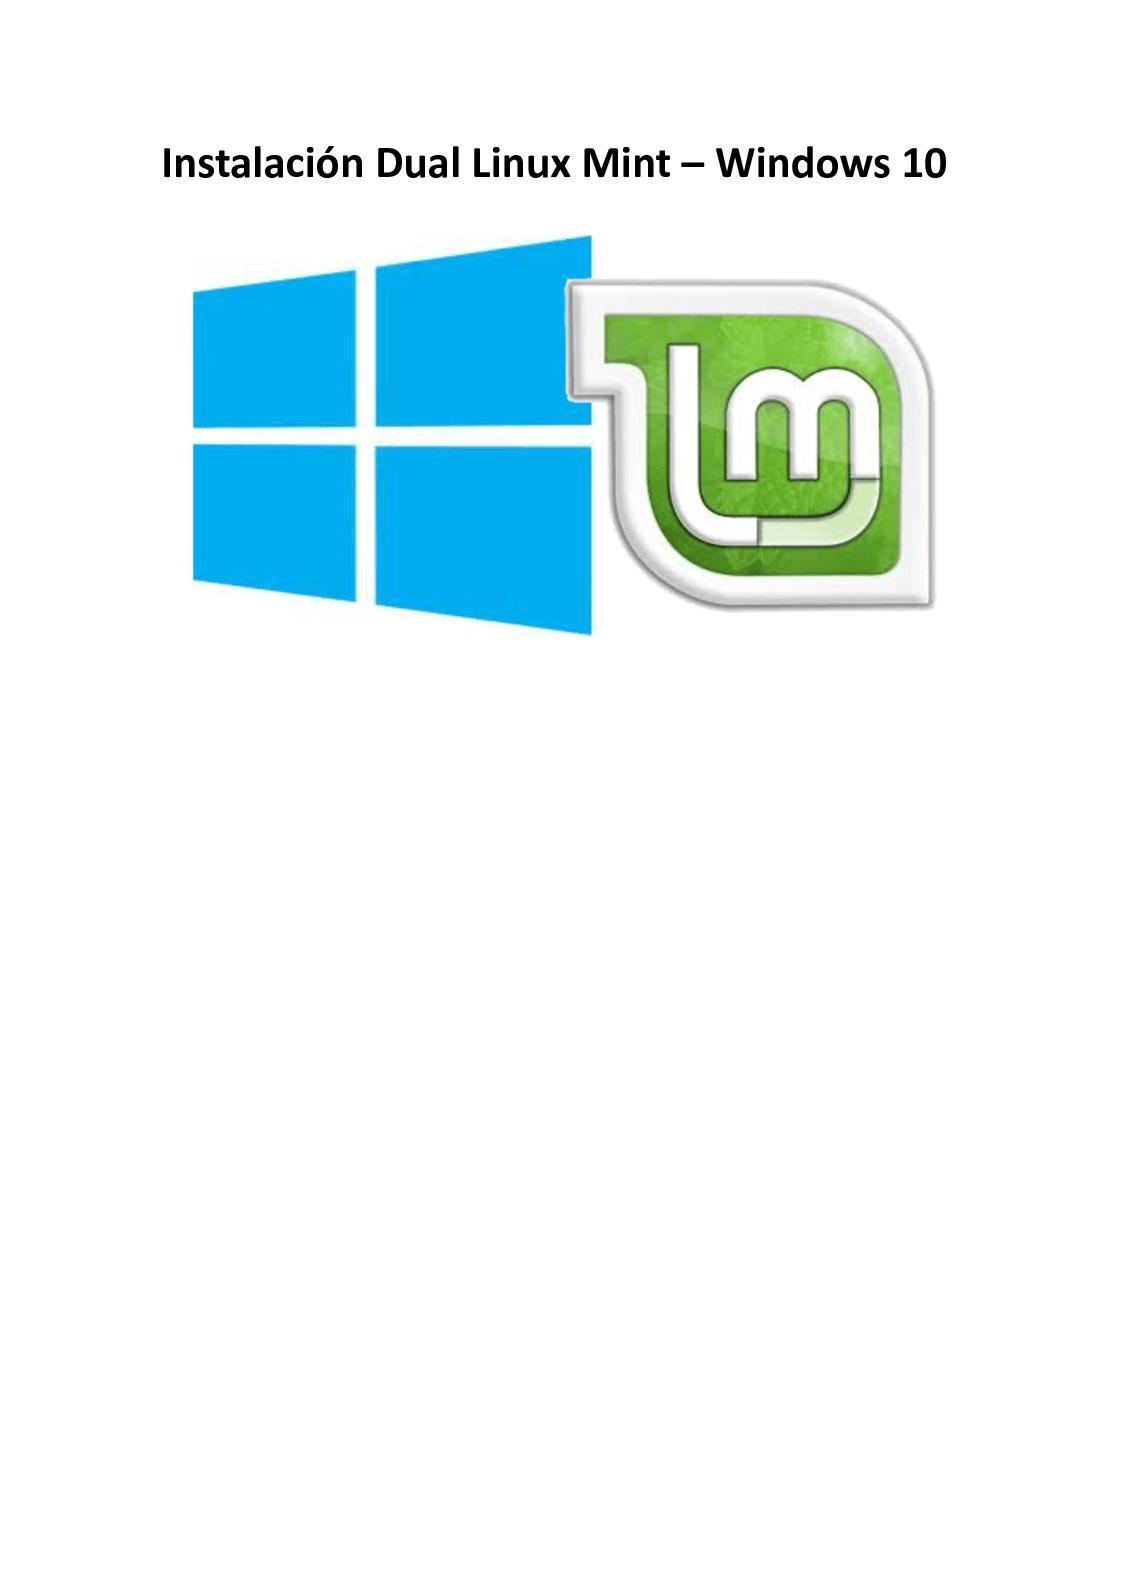 Instalación dual Linux Mint-Windows 10